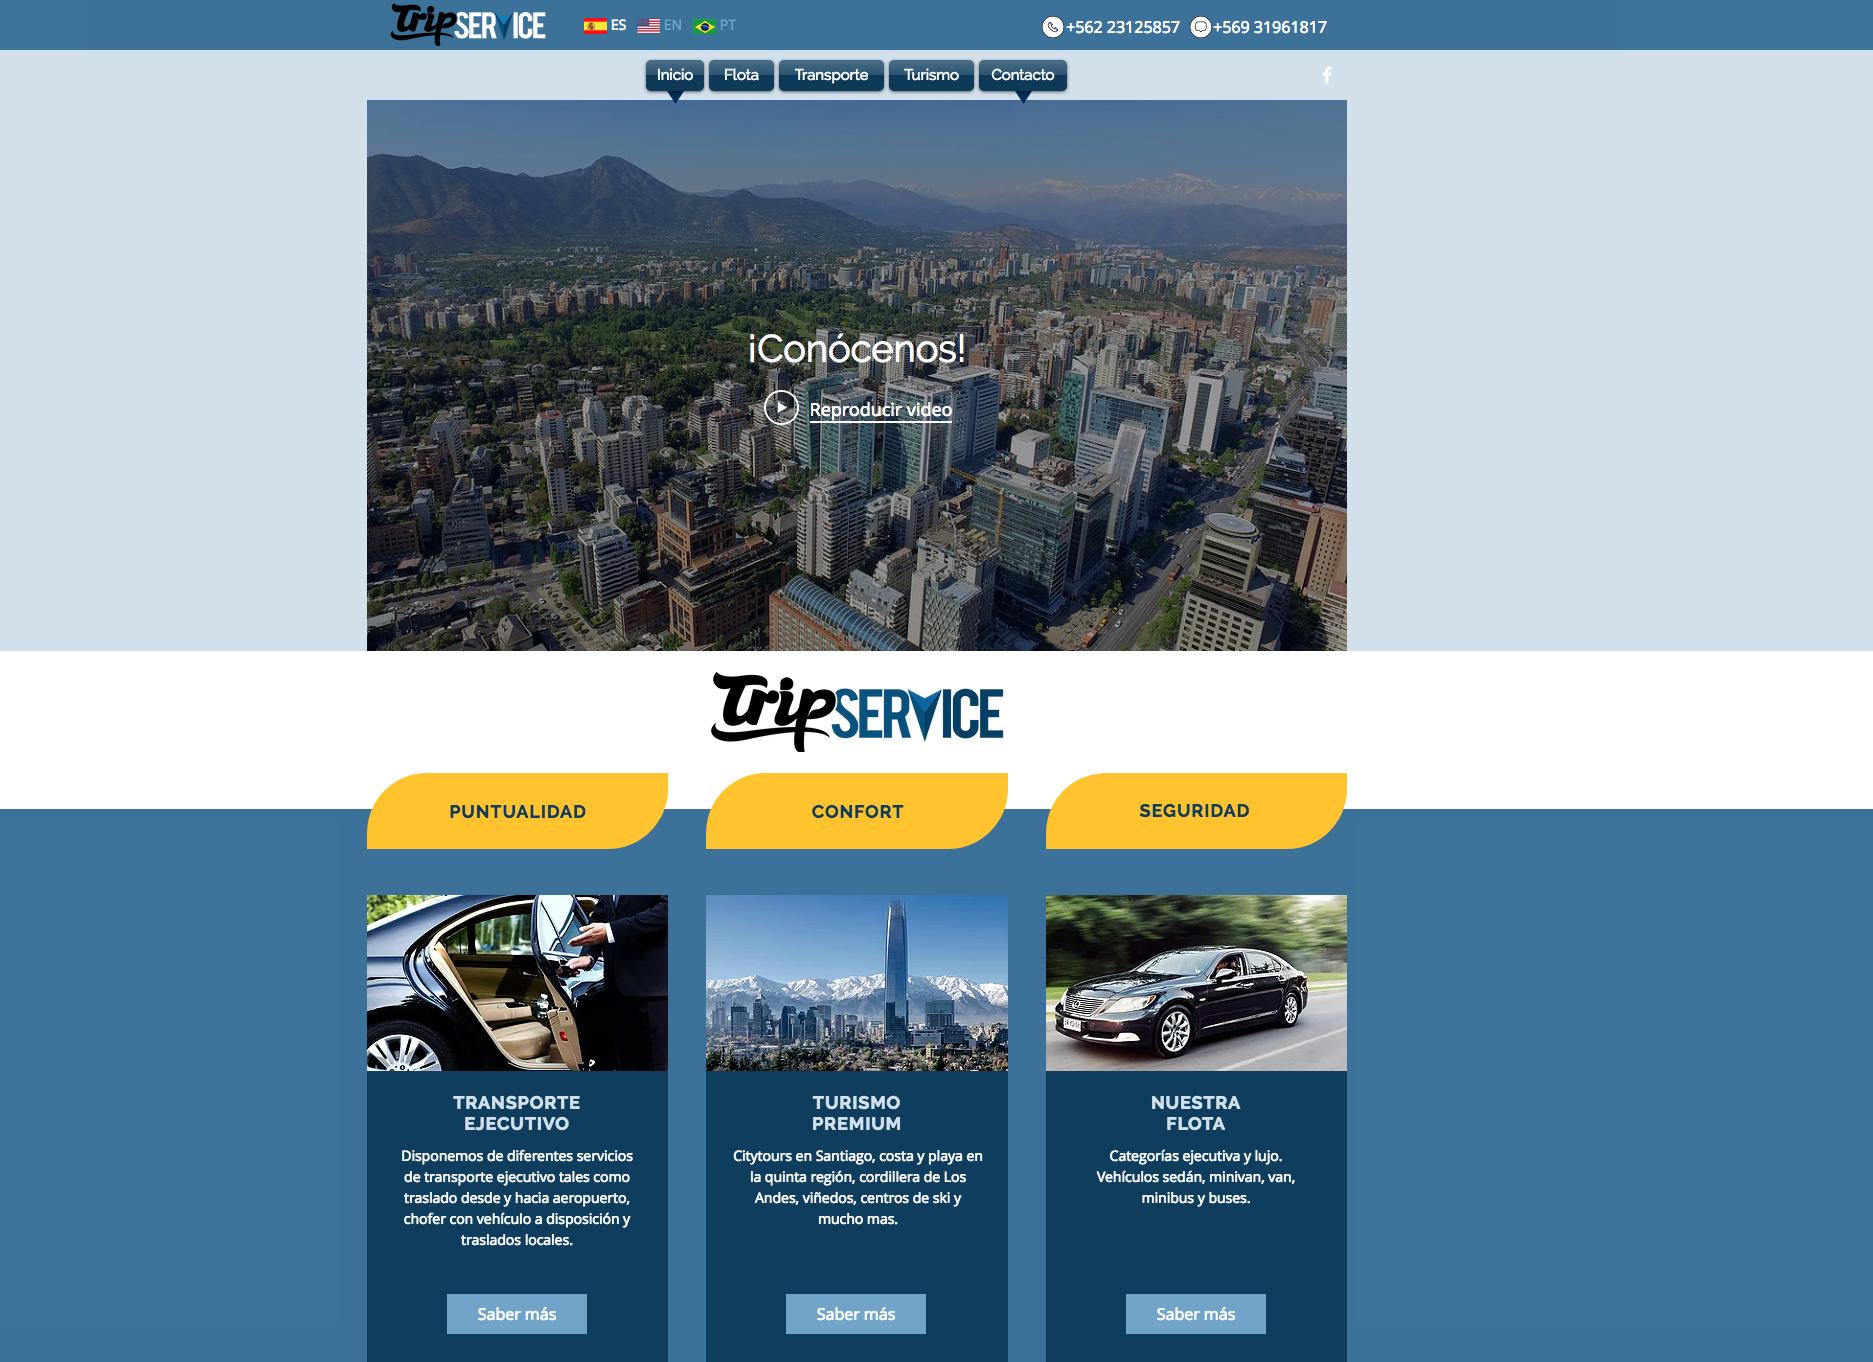 TripService Webpage